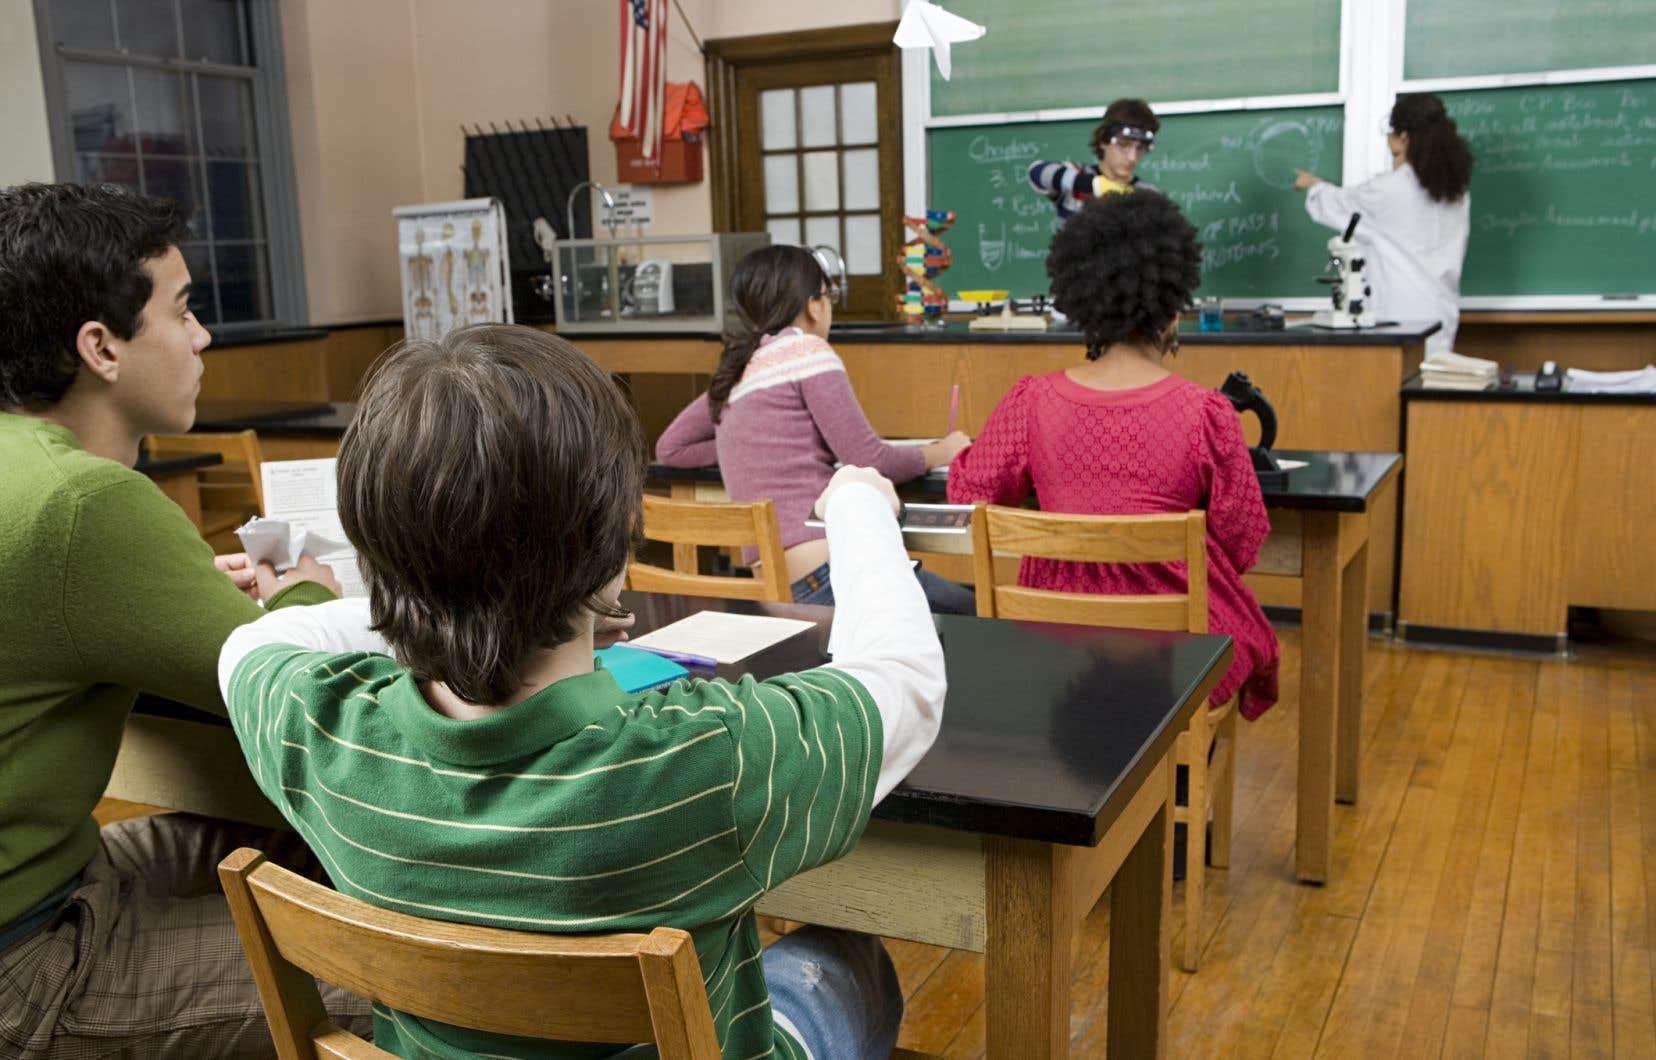 Un rapport du Centre de transfert pour la réussite éducative du Québec suggère de «rendre le financement du secteur privé conditionnel à la démonstration de son engagement à contribuer à l'équité en fonction des indicateurs de mixité sociale et scolaire».